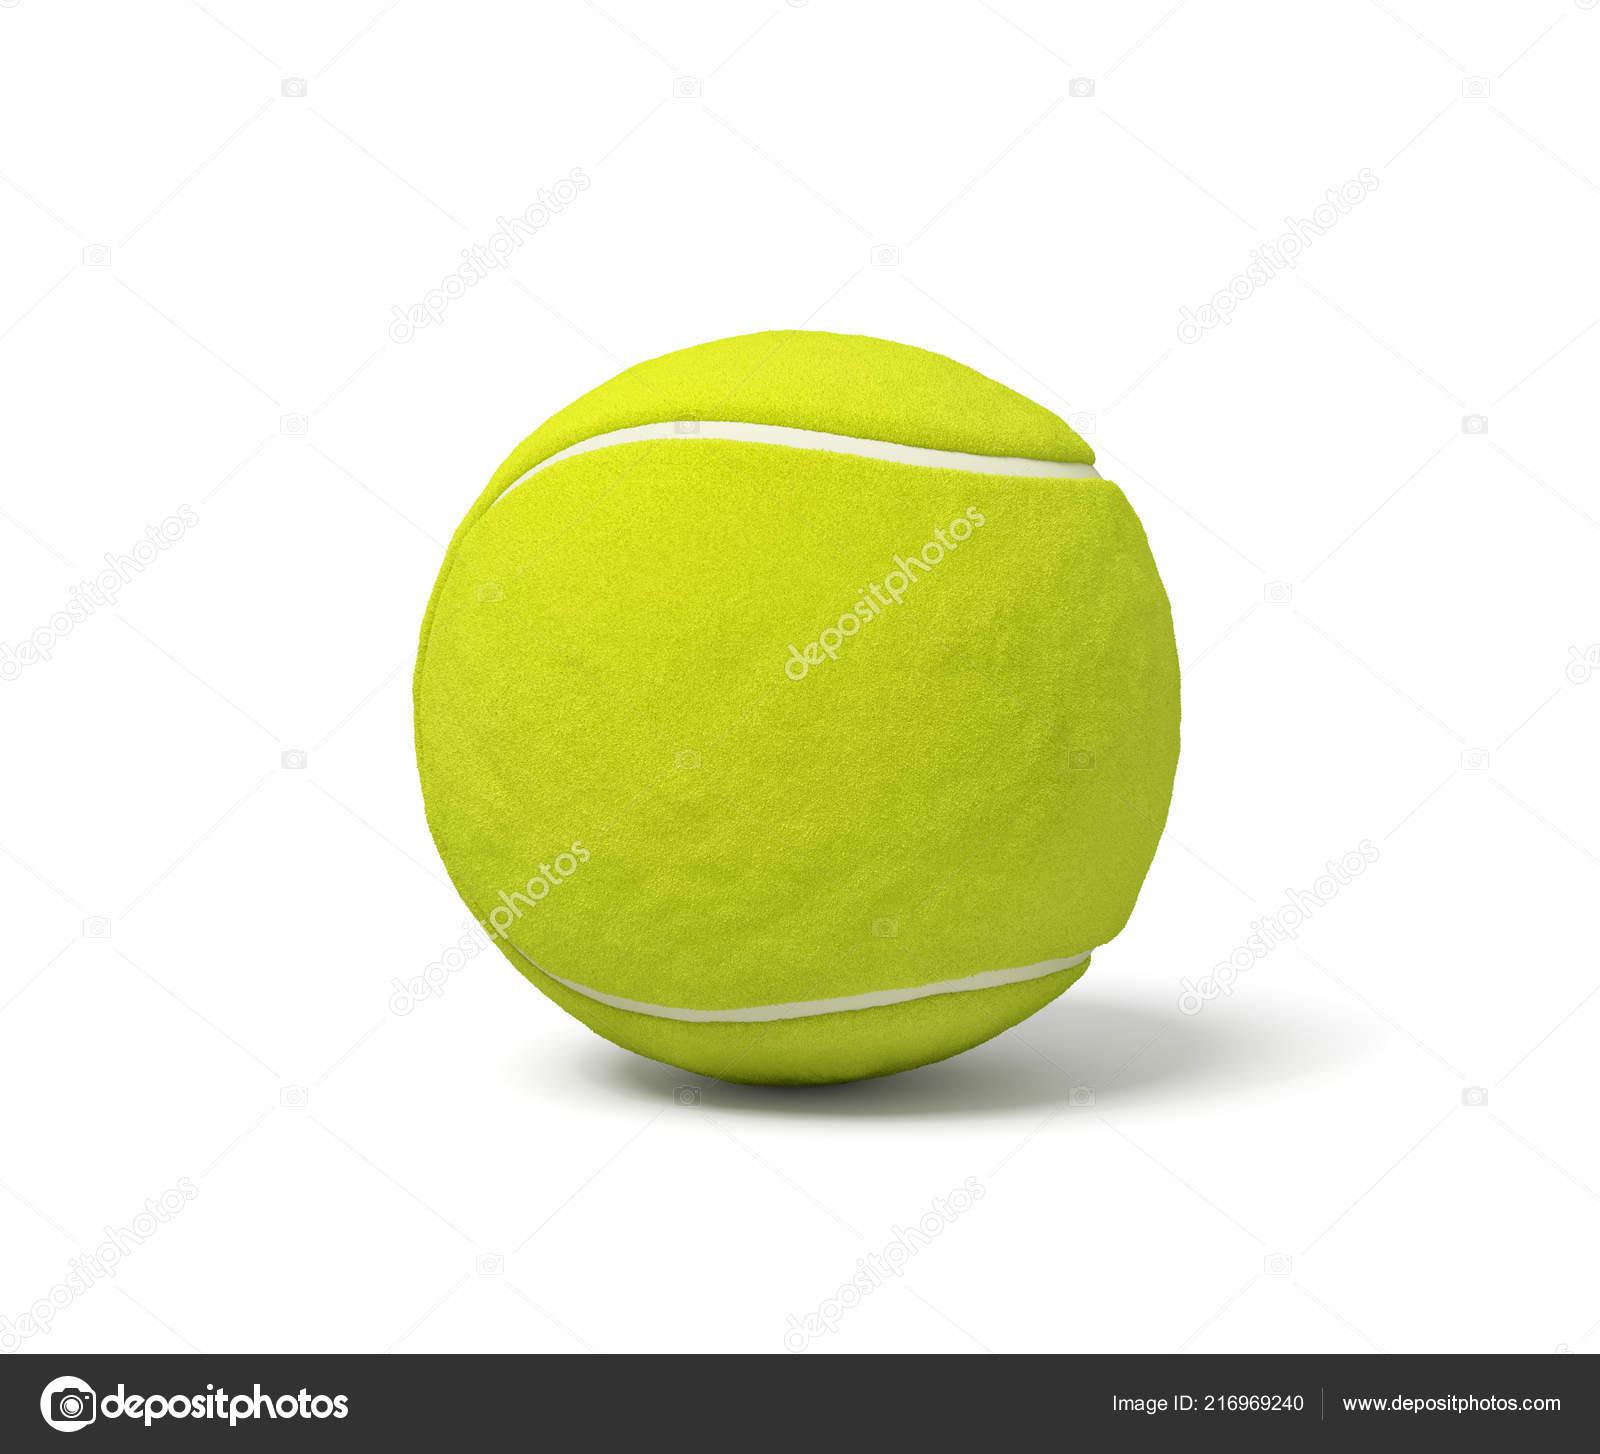 2332e261ef9f0 Rendu 3D d'un standing de balle de tennis vert acide unique sur un fond  blanc avec une ombre. Jeu de tennis. Jeux et jeux. Engins de Wimbledon.